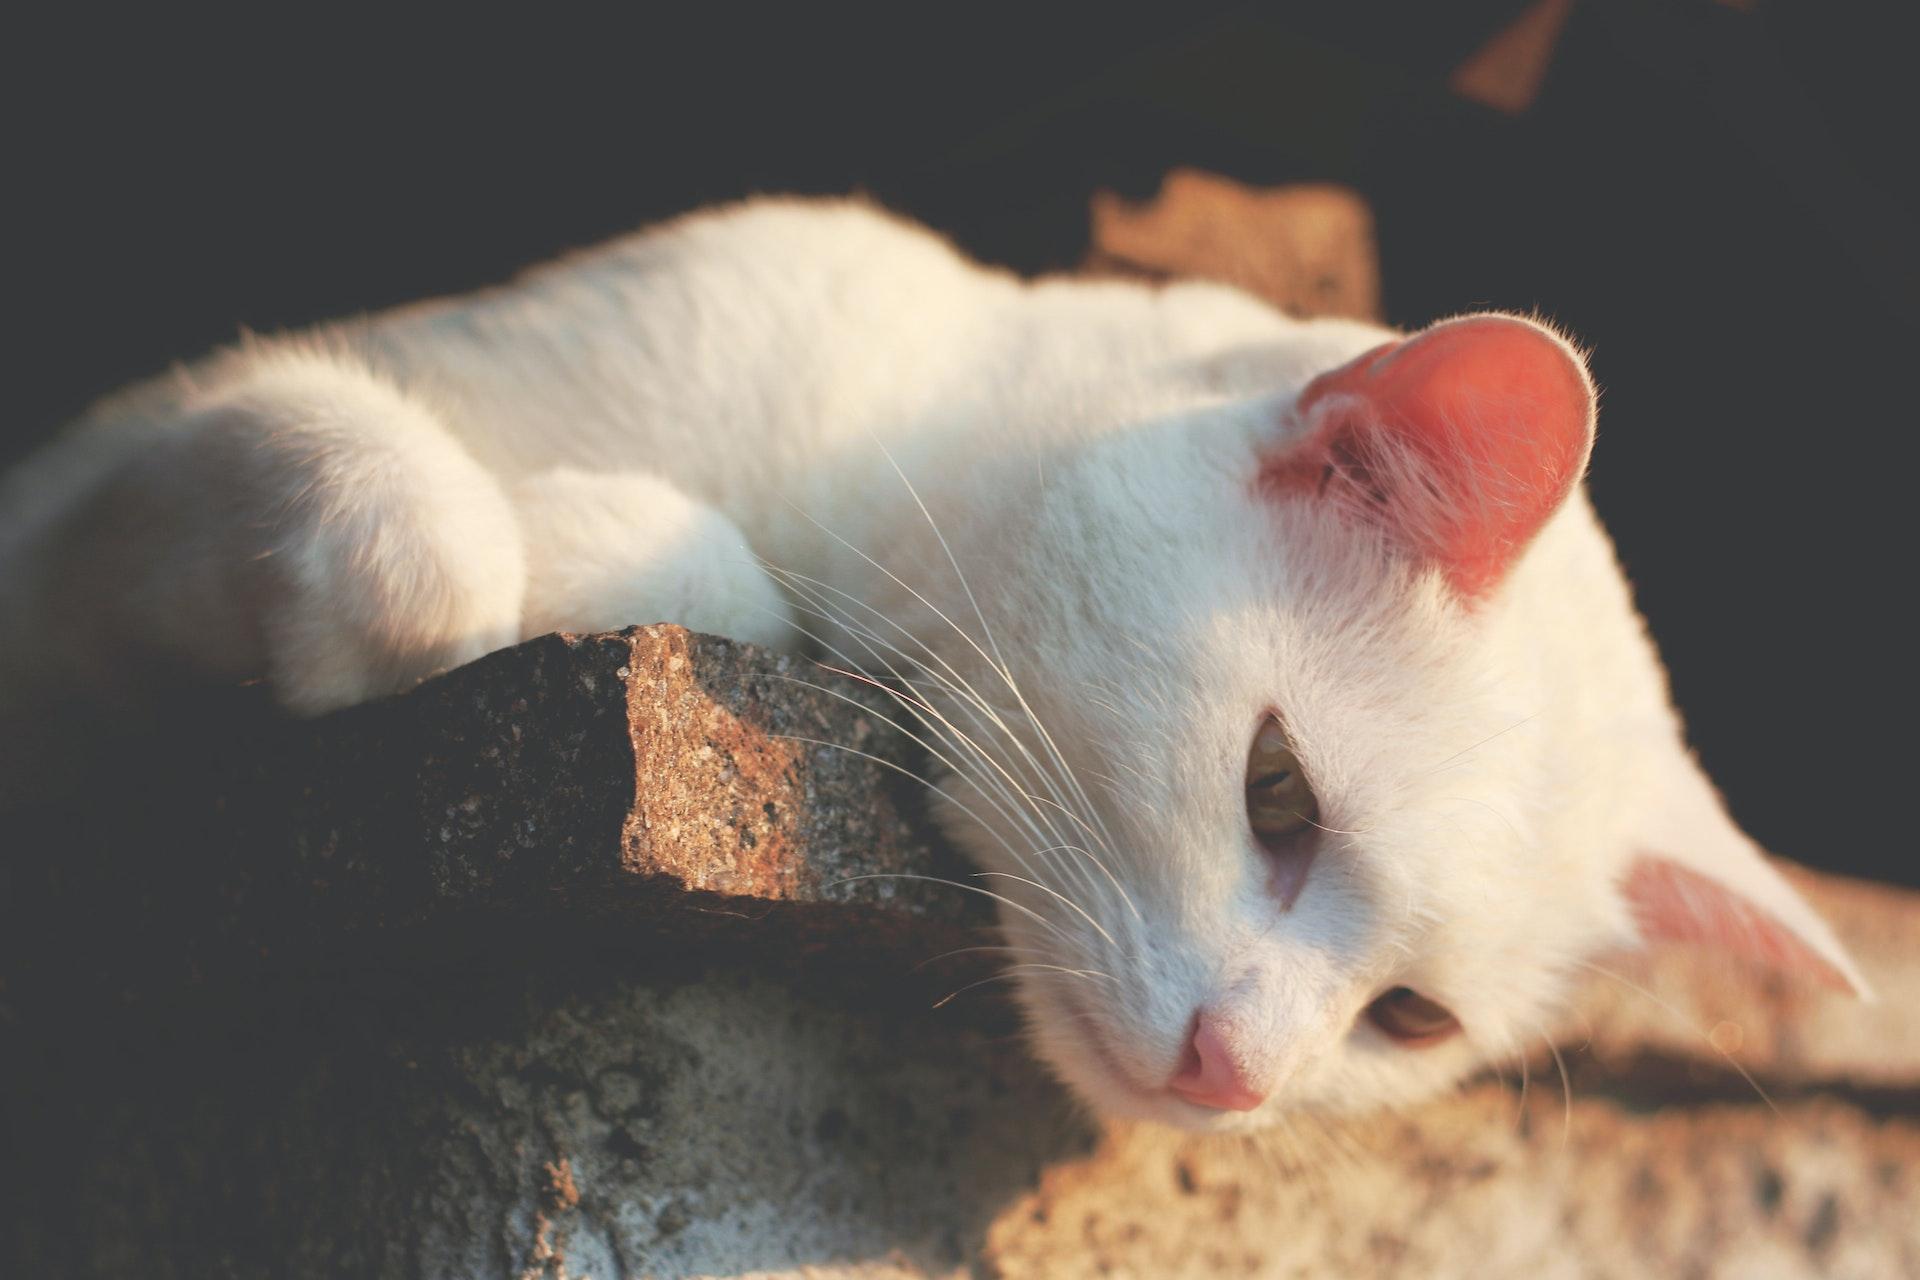 ¿Por qué ronronean los gatos? - descubriendo el misterio